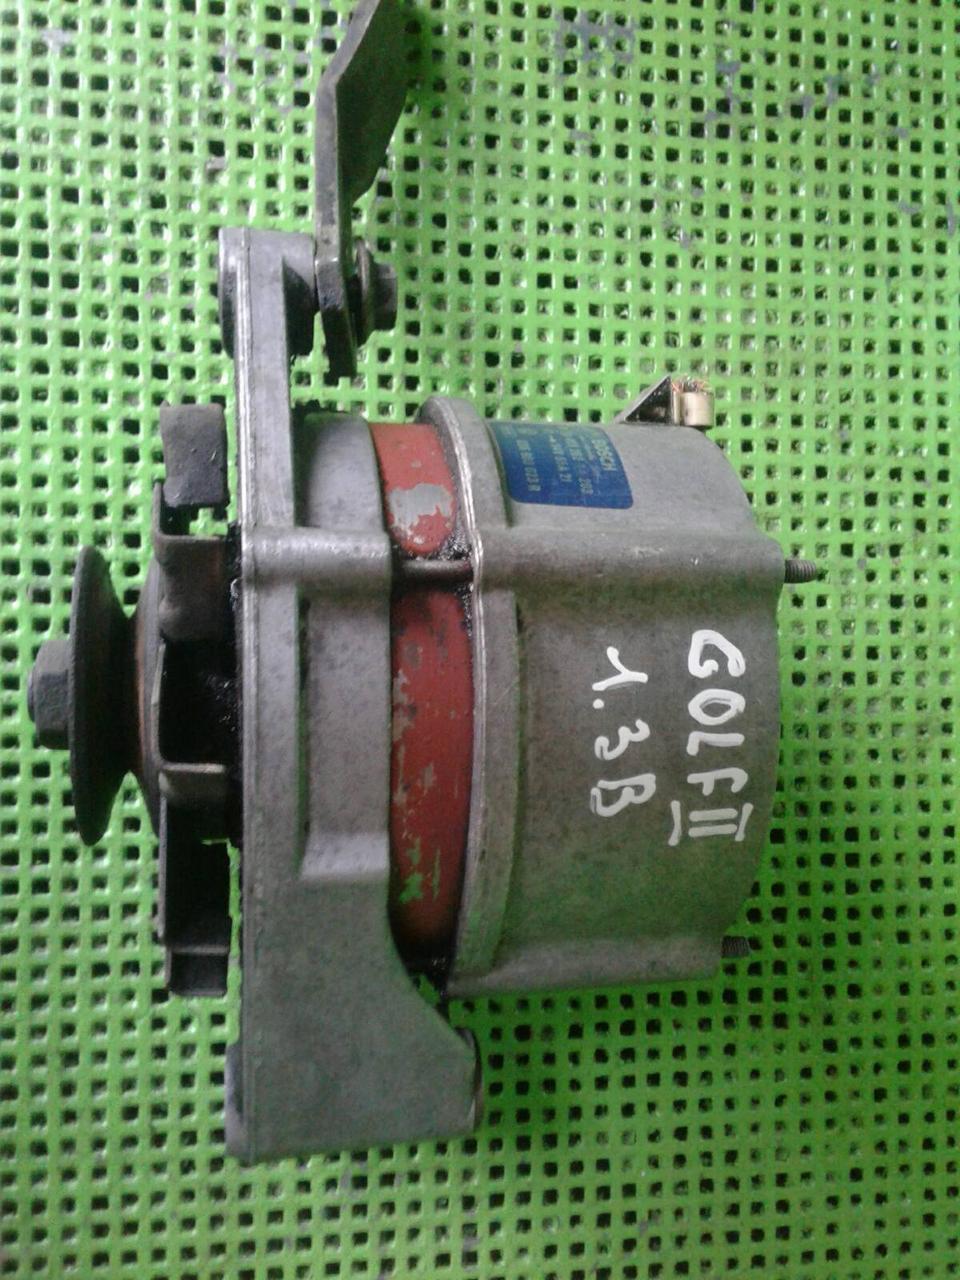 Б/у генератор/щітки для Volkswagen Golf II 1.3 B 036 903 023 R